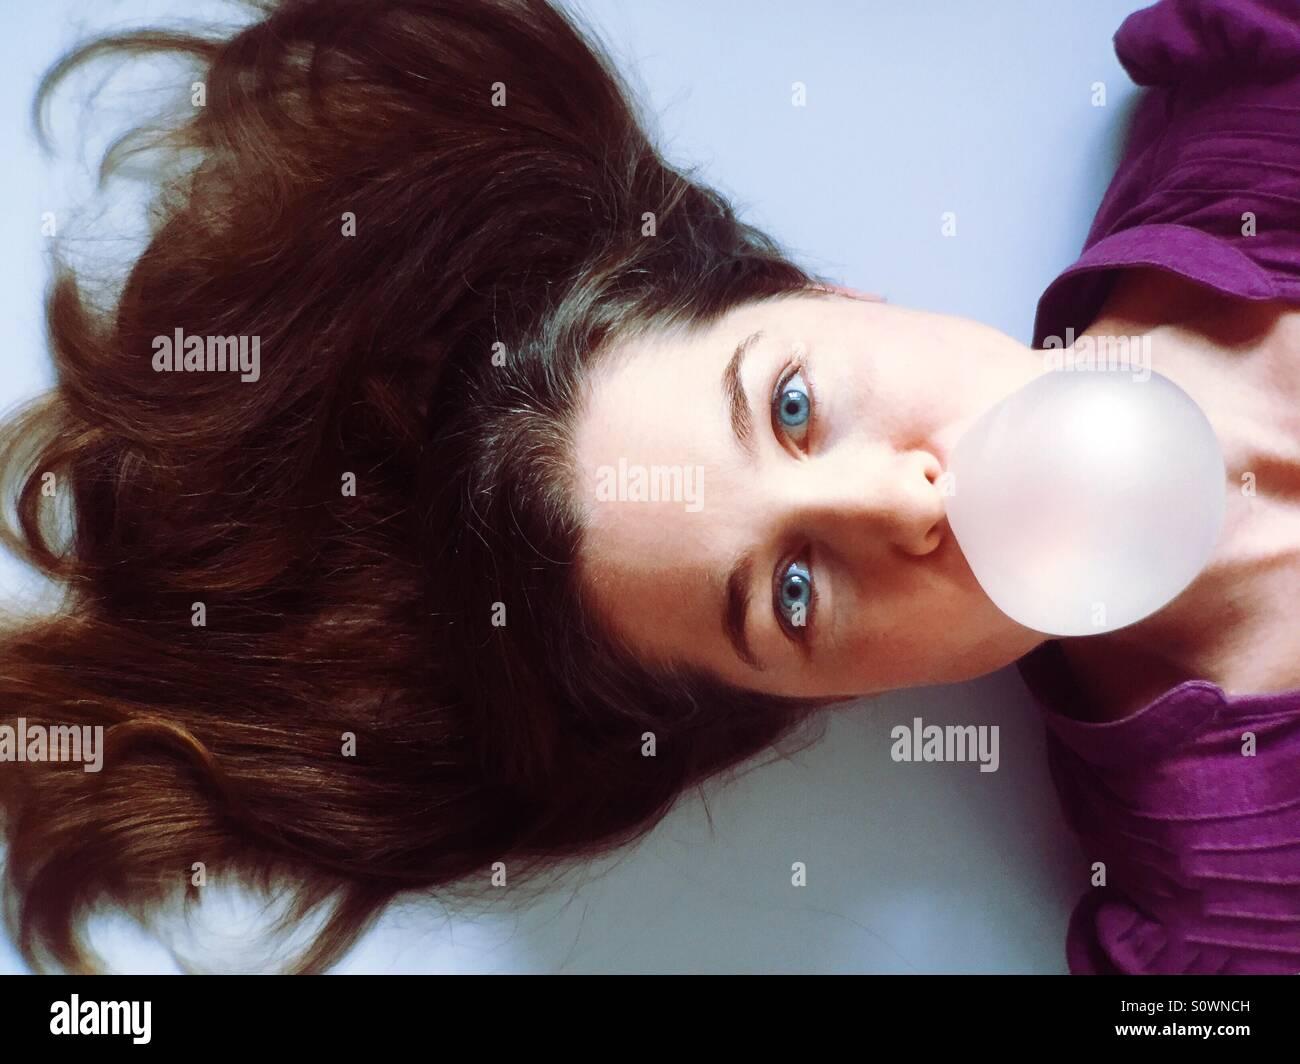 Frau bläst eine Kaugummi-Blase Stockfoto